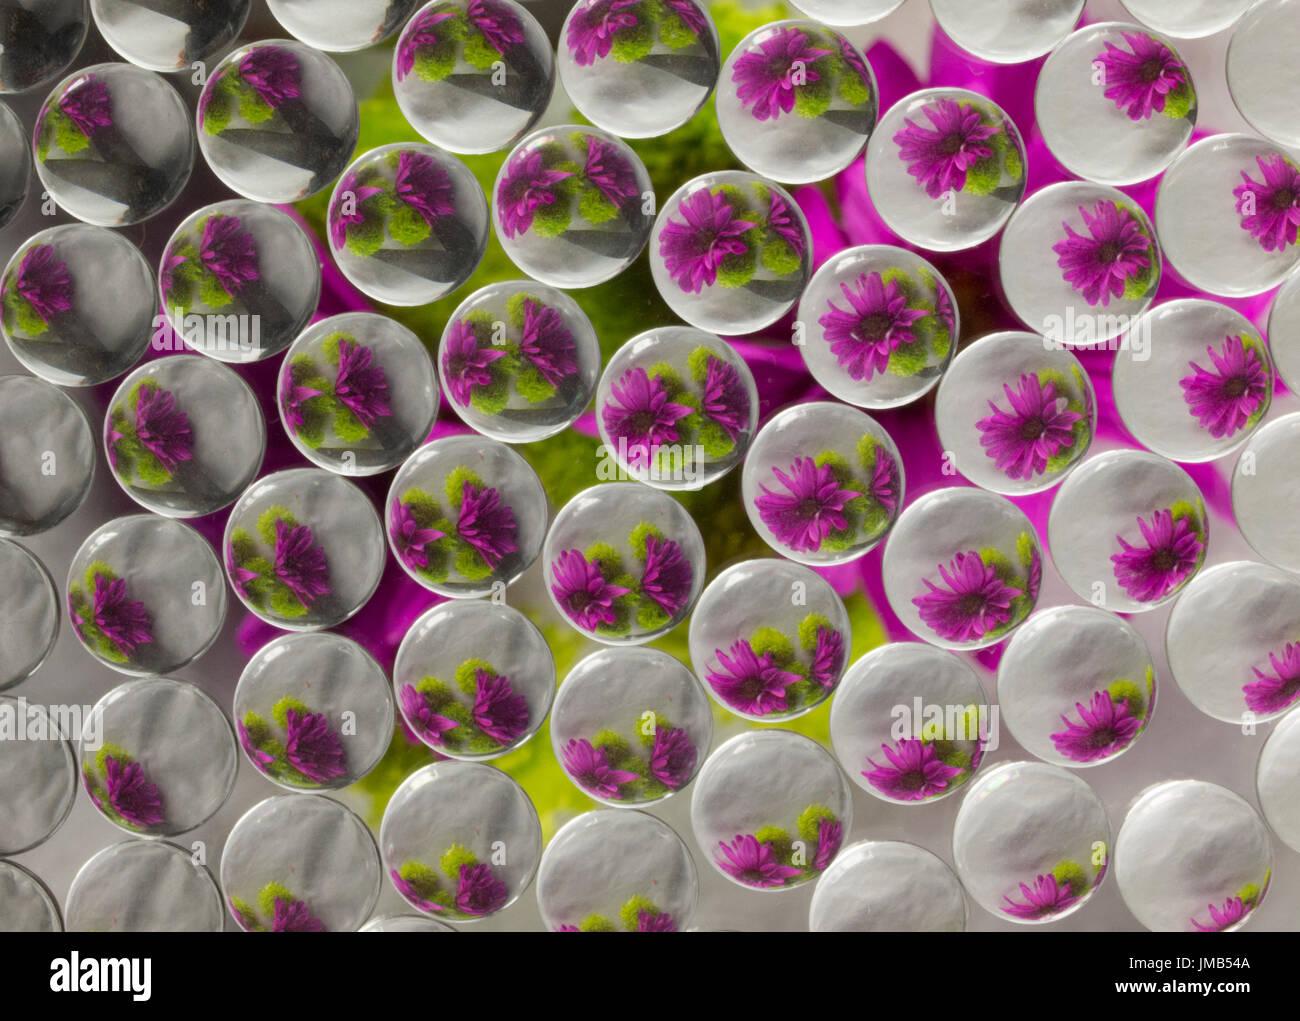 La réfraction 8 Fleurs Photo Stock